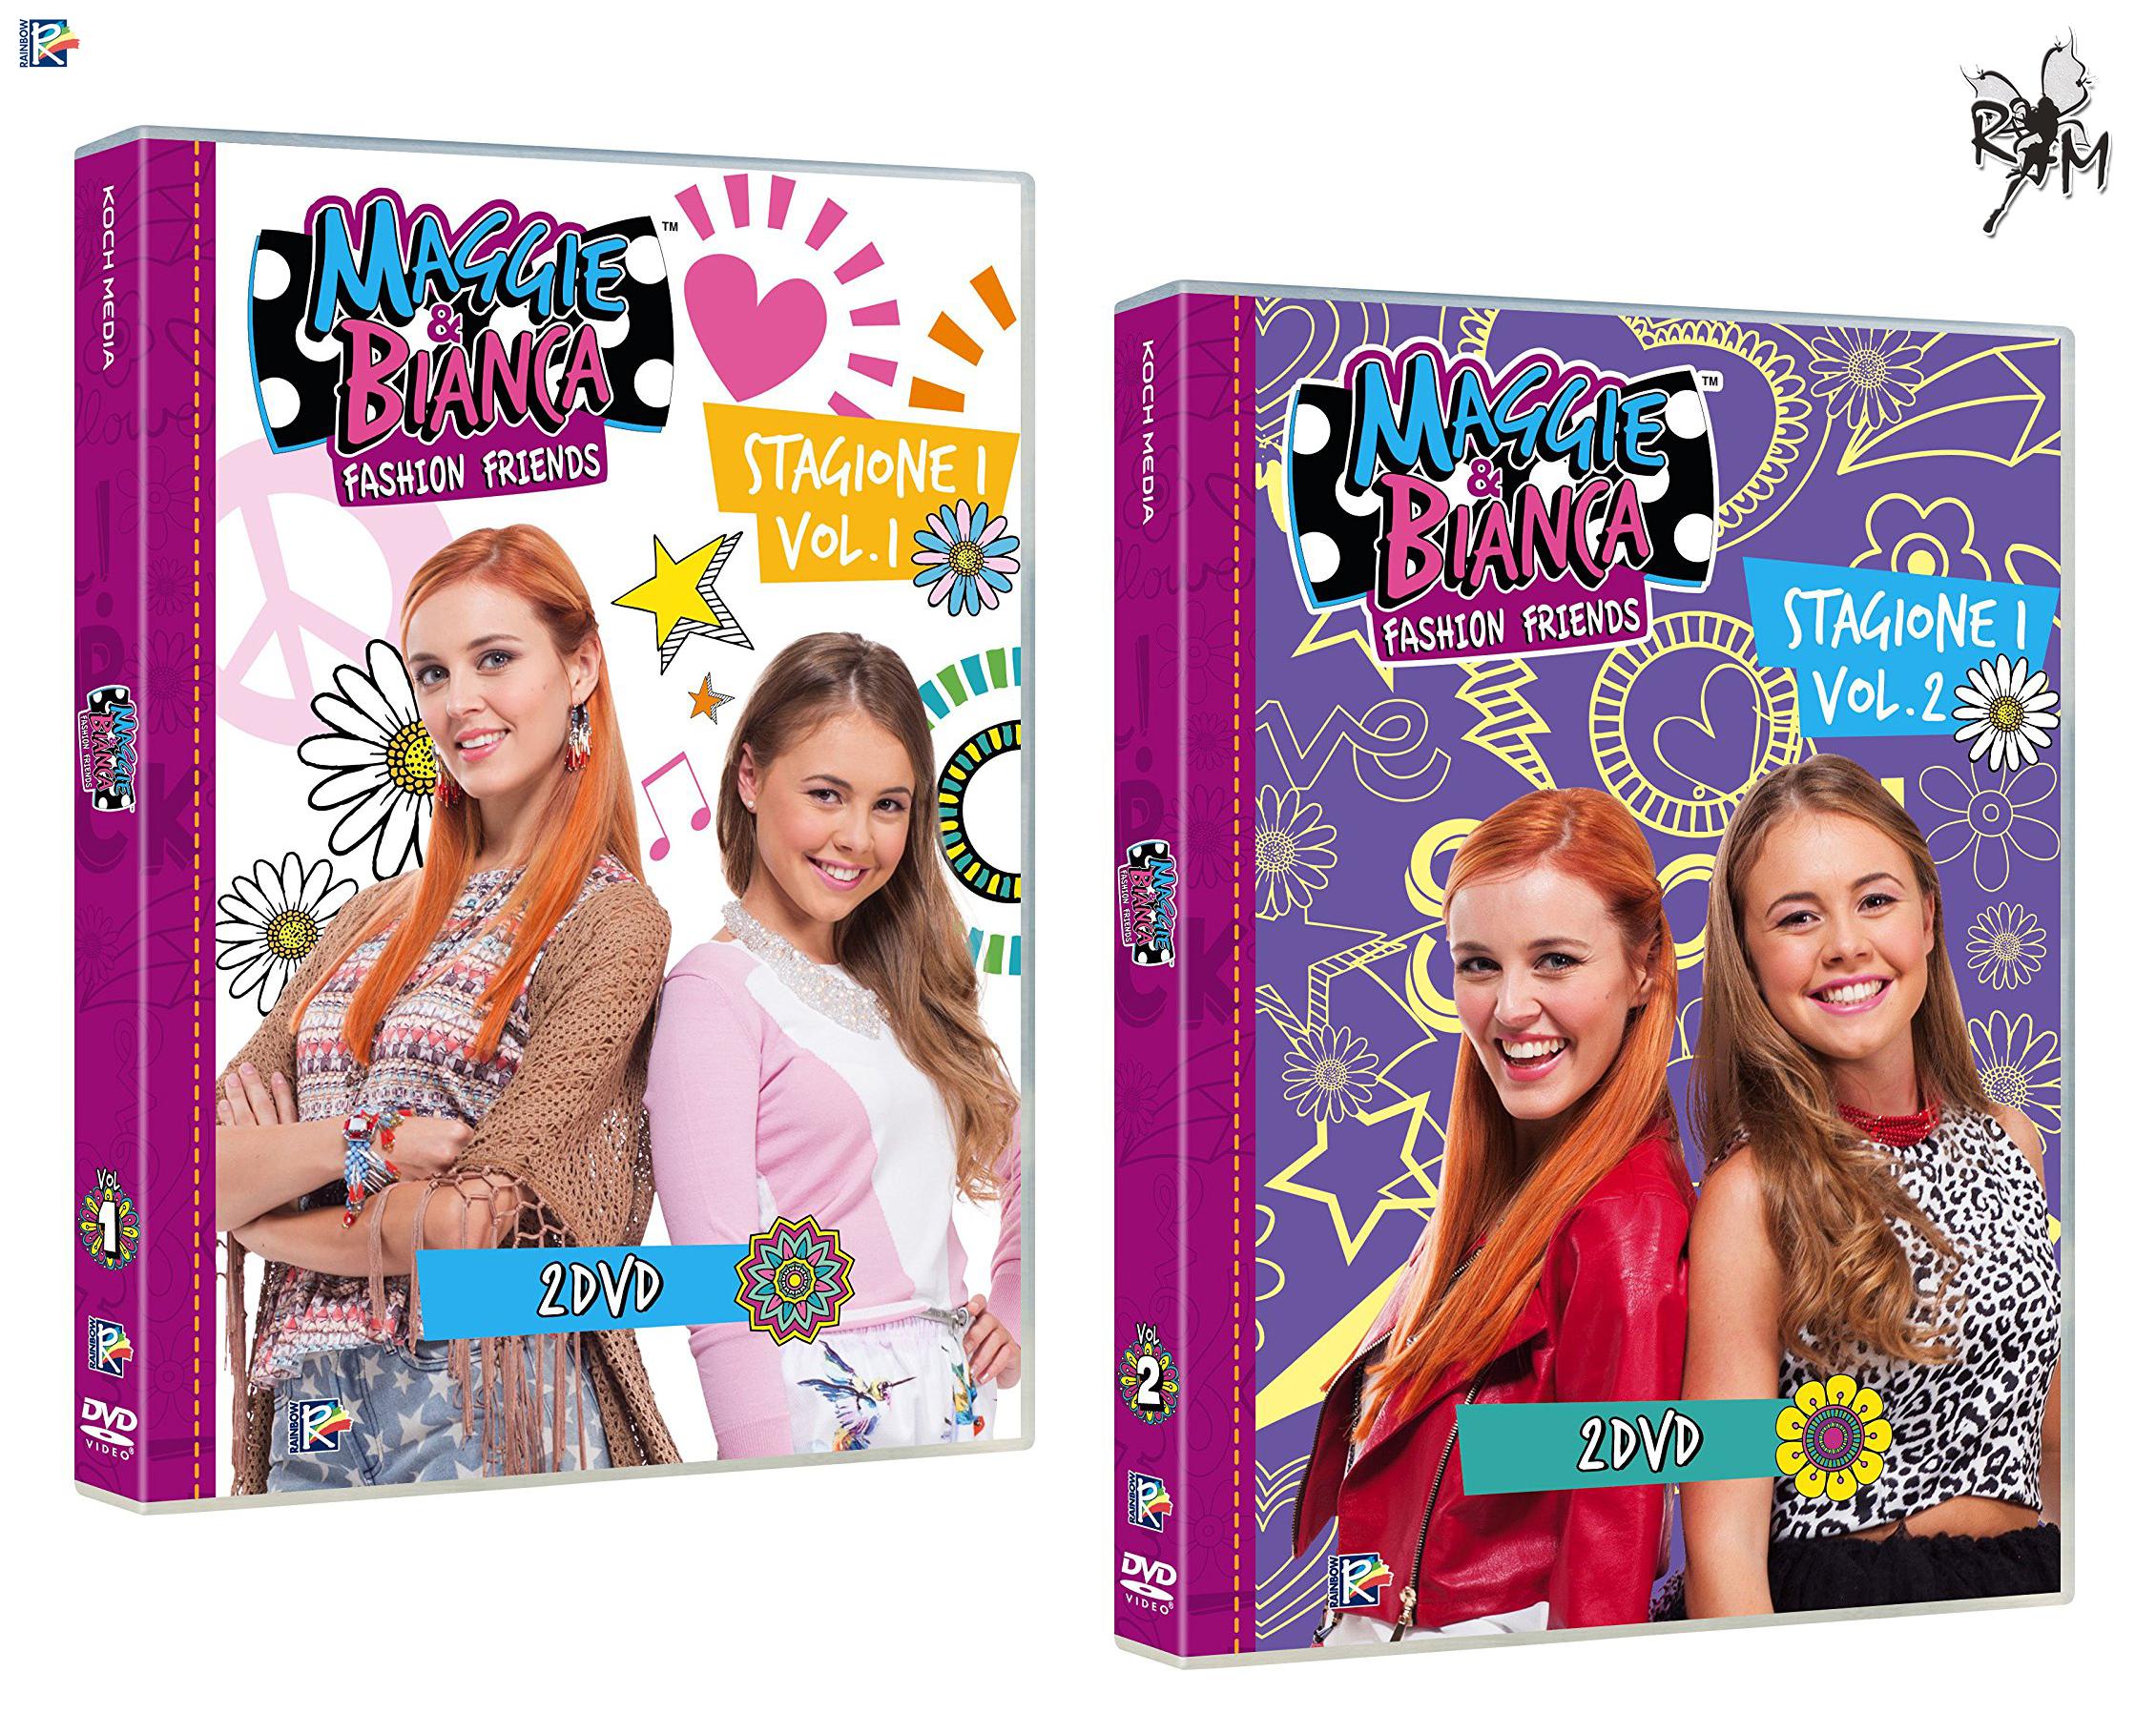 Les DVD de Maggie & Bianca arrivent en Italie !